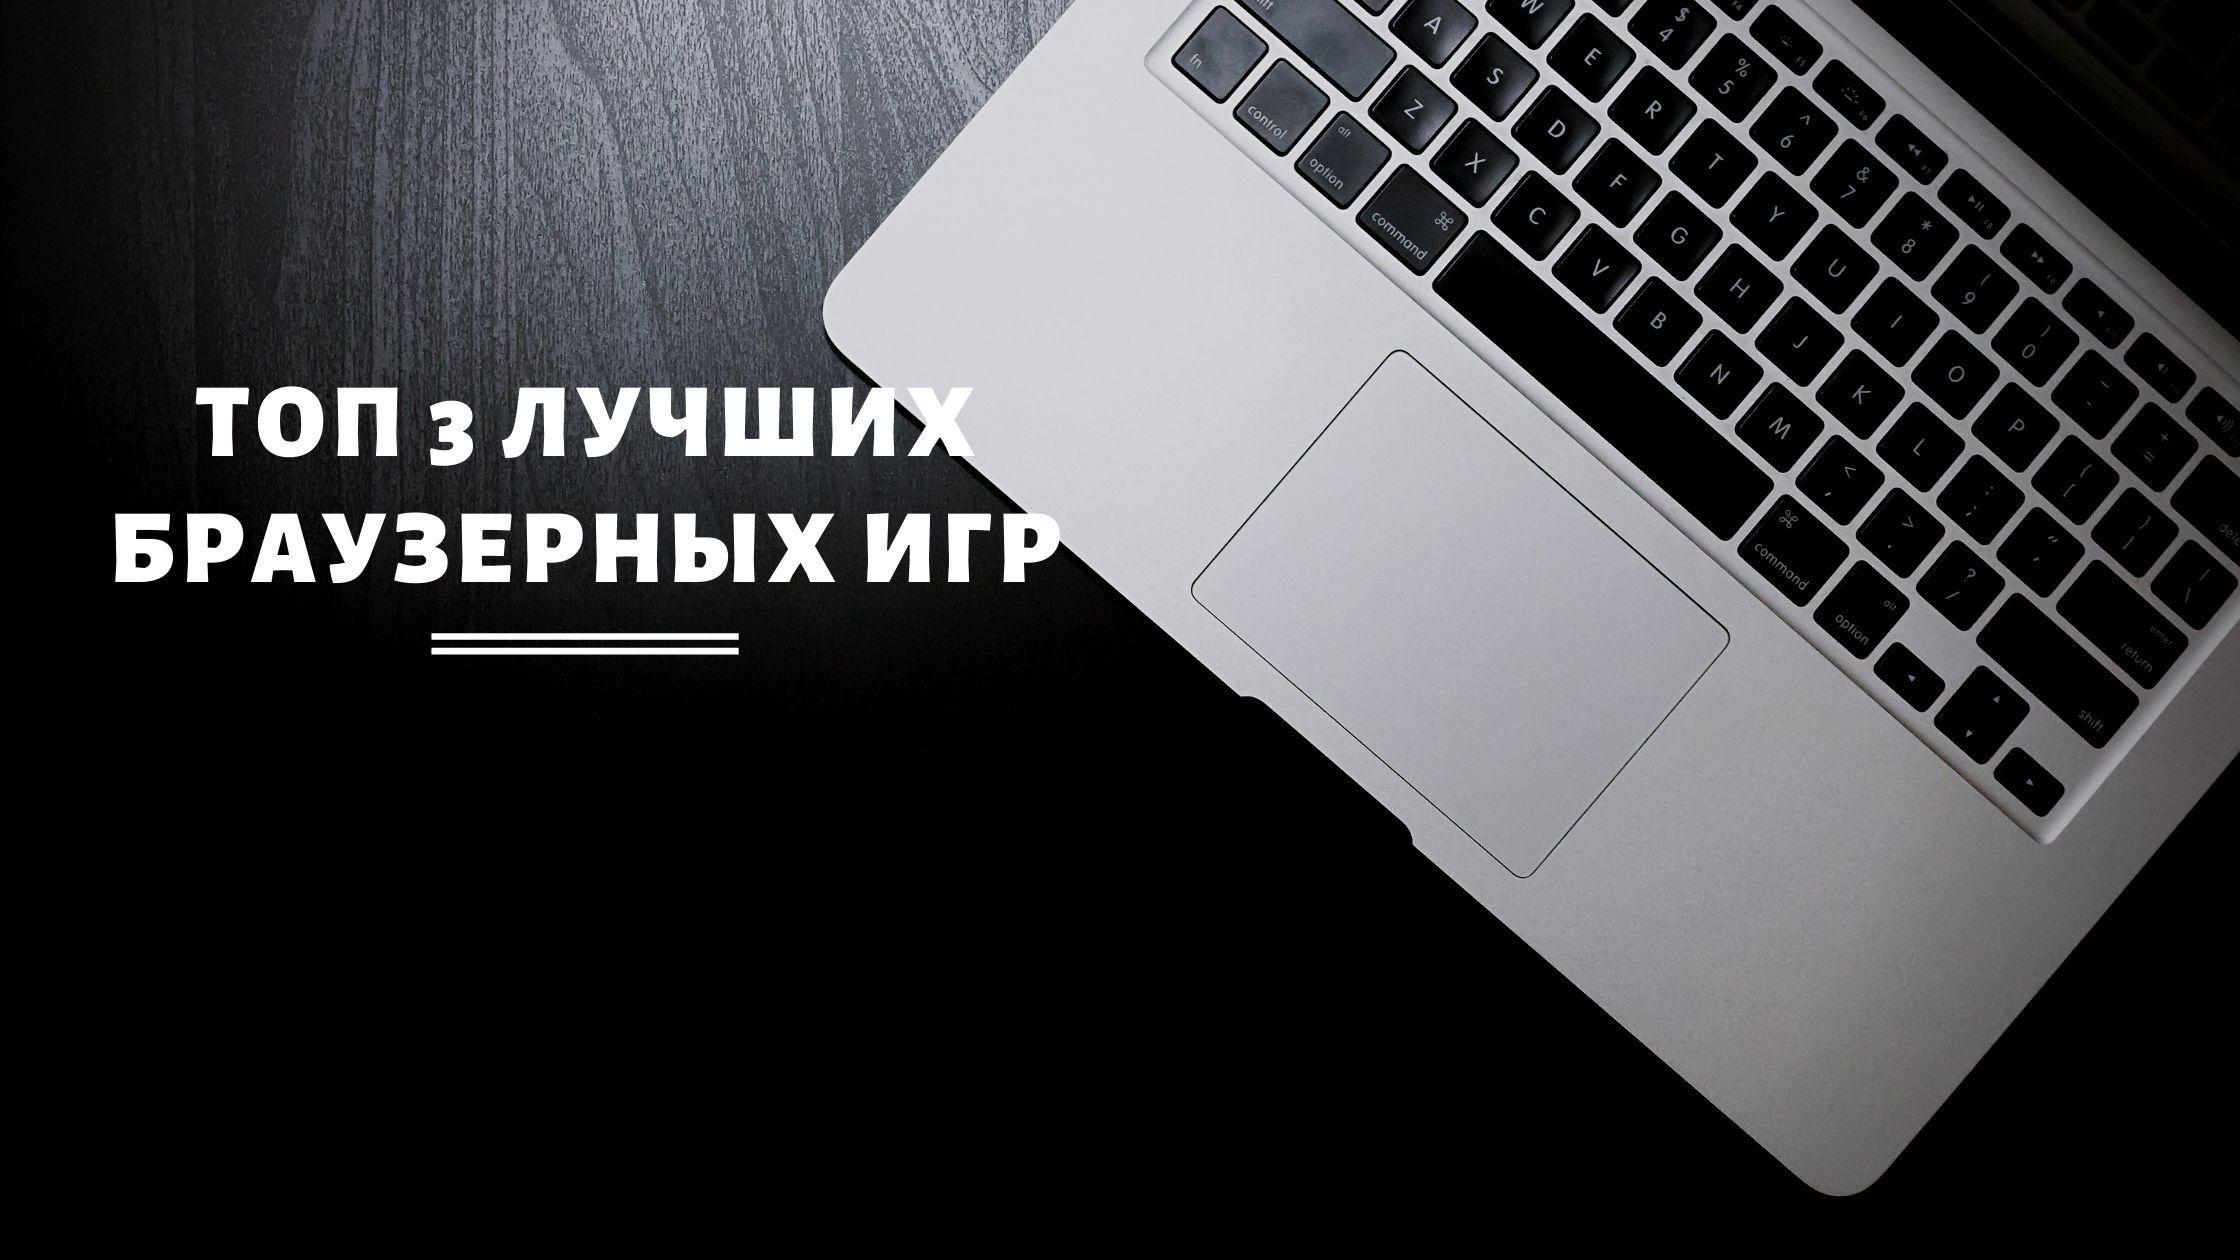 Браузерные игры на компьютер и ноутбук